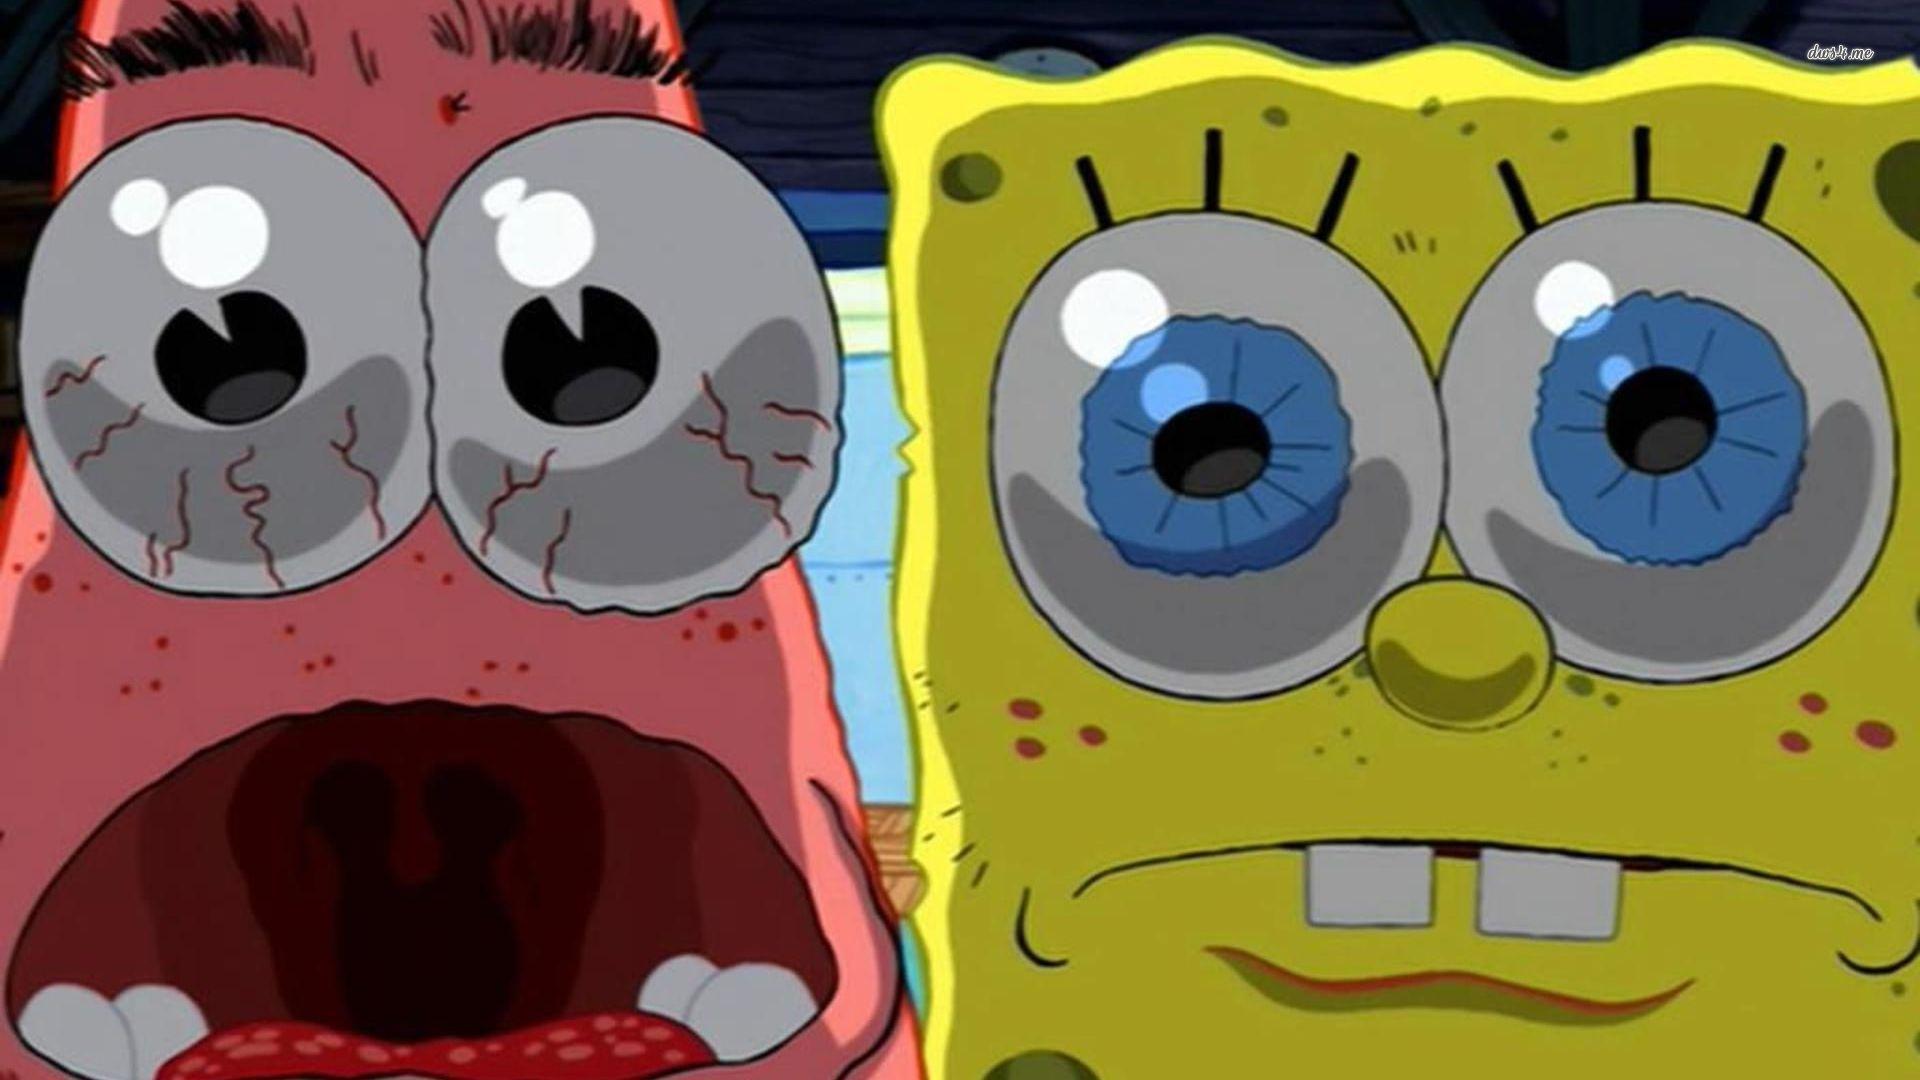 Spongebob and patrick meme template